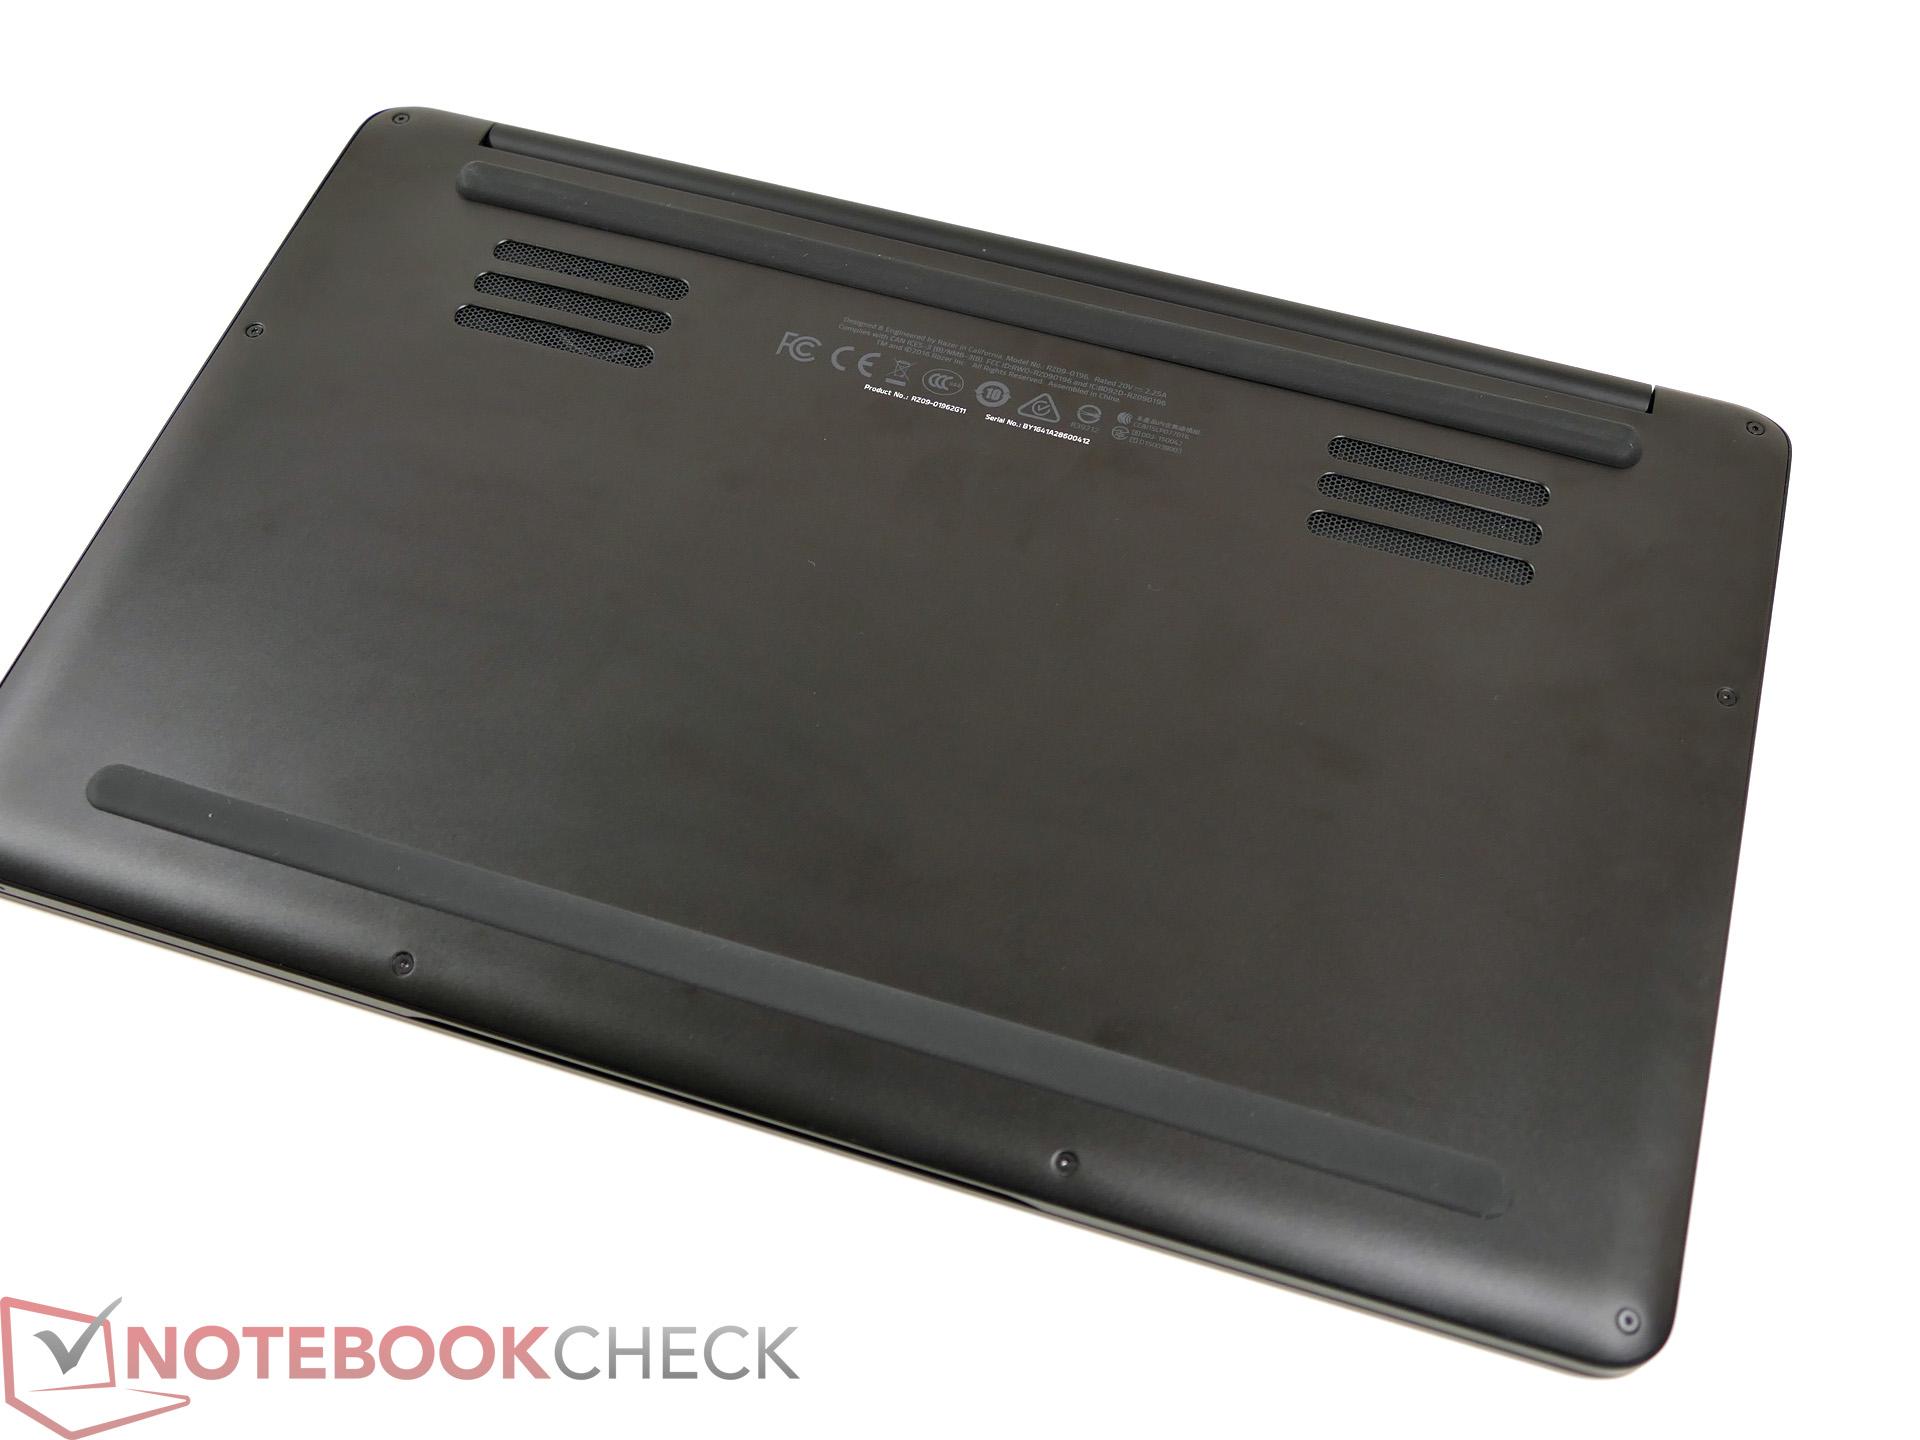 Razer Blade Stealth (i7-7500U) Notebook Review